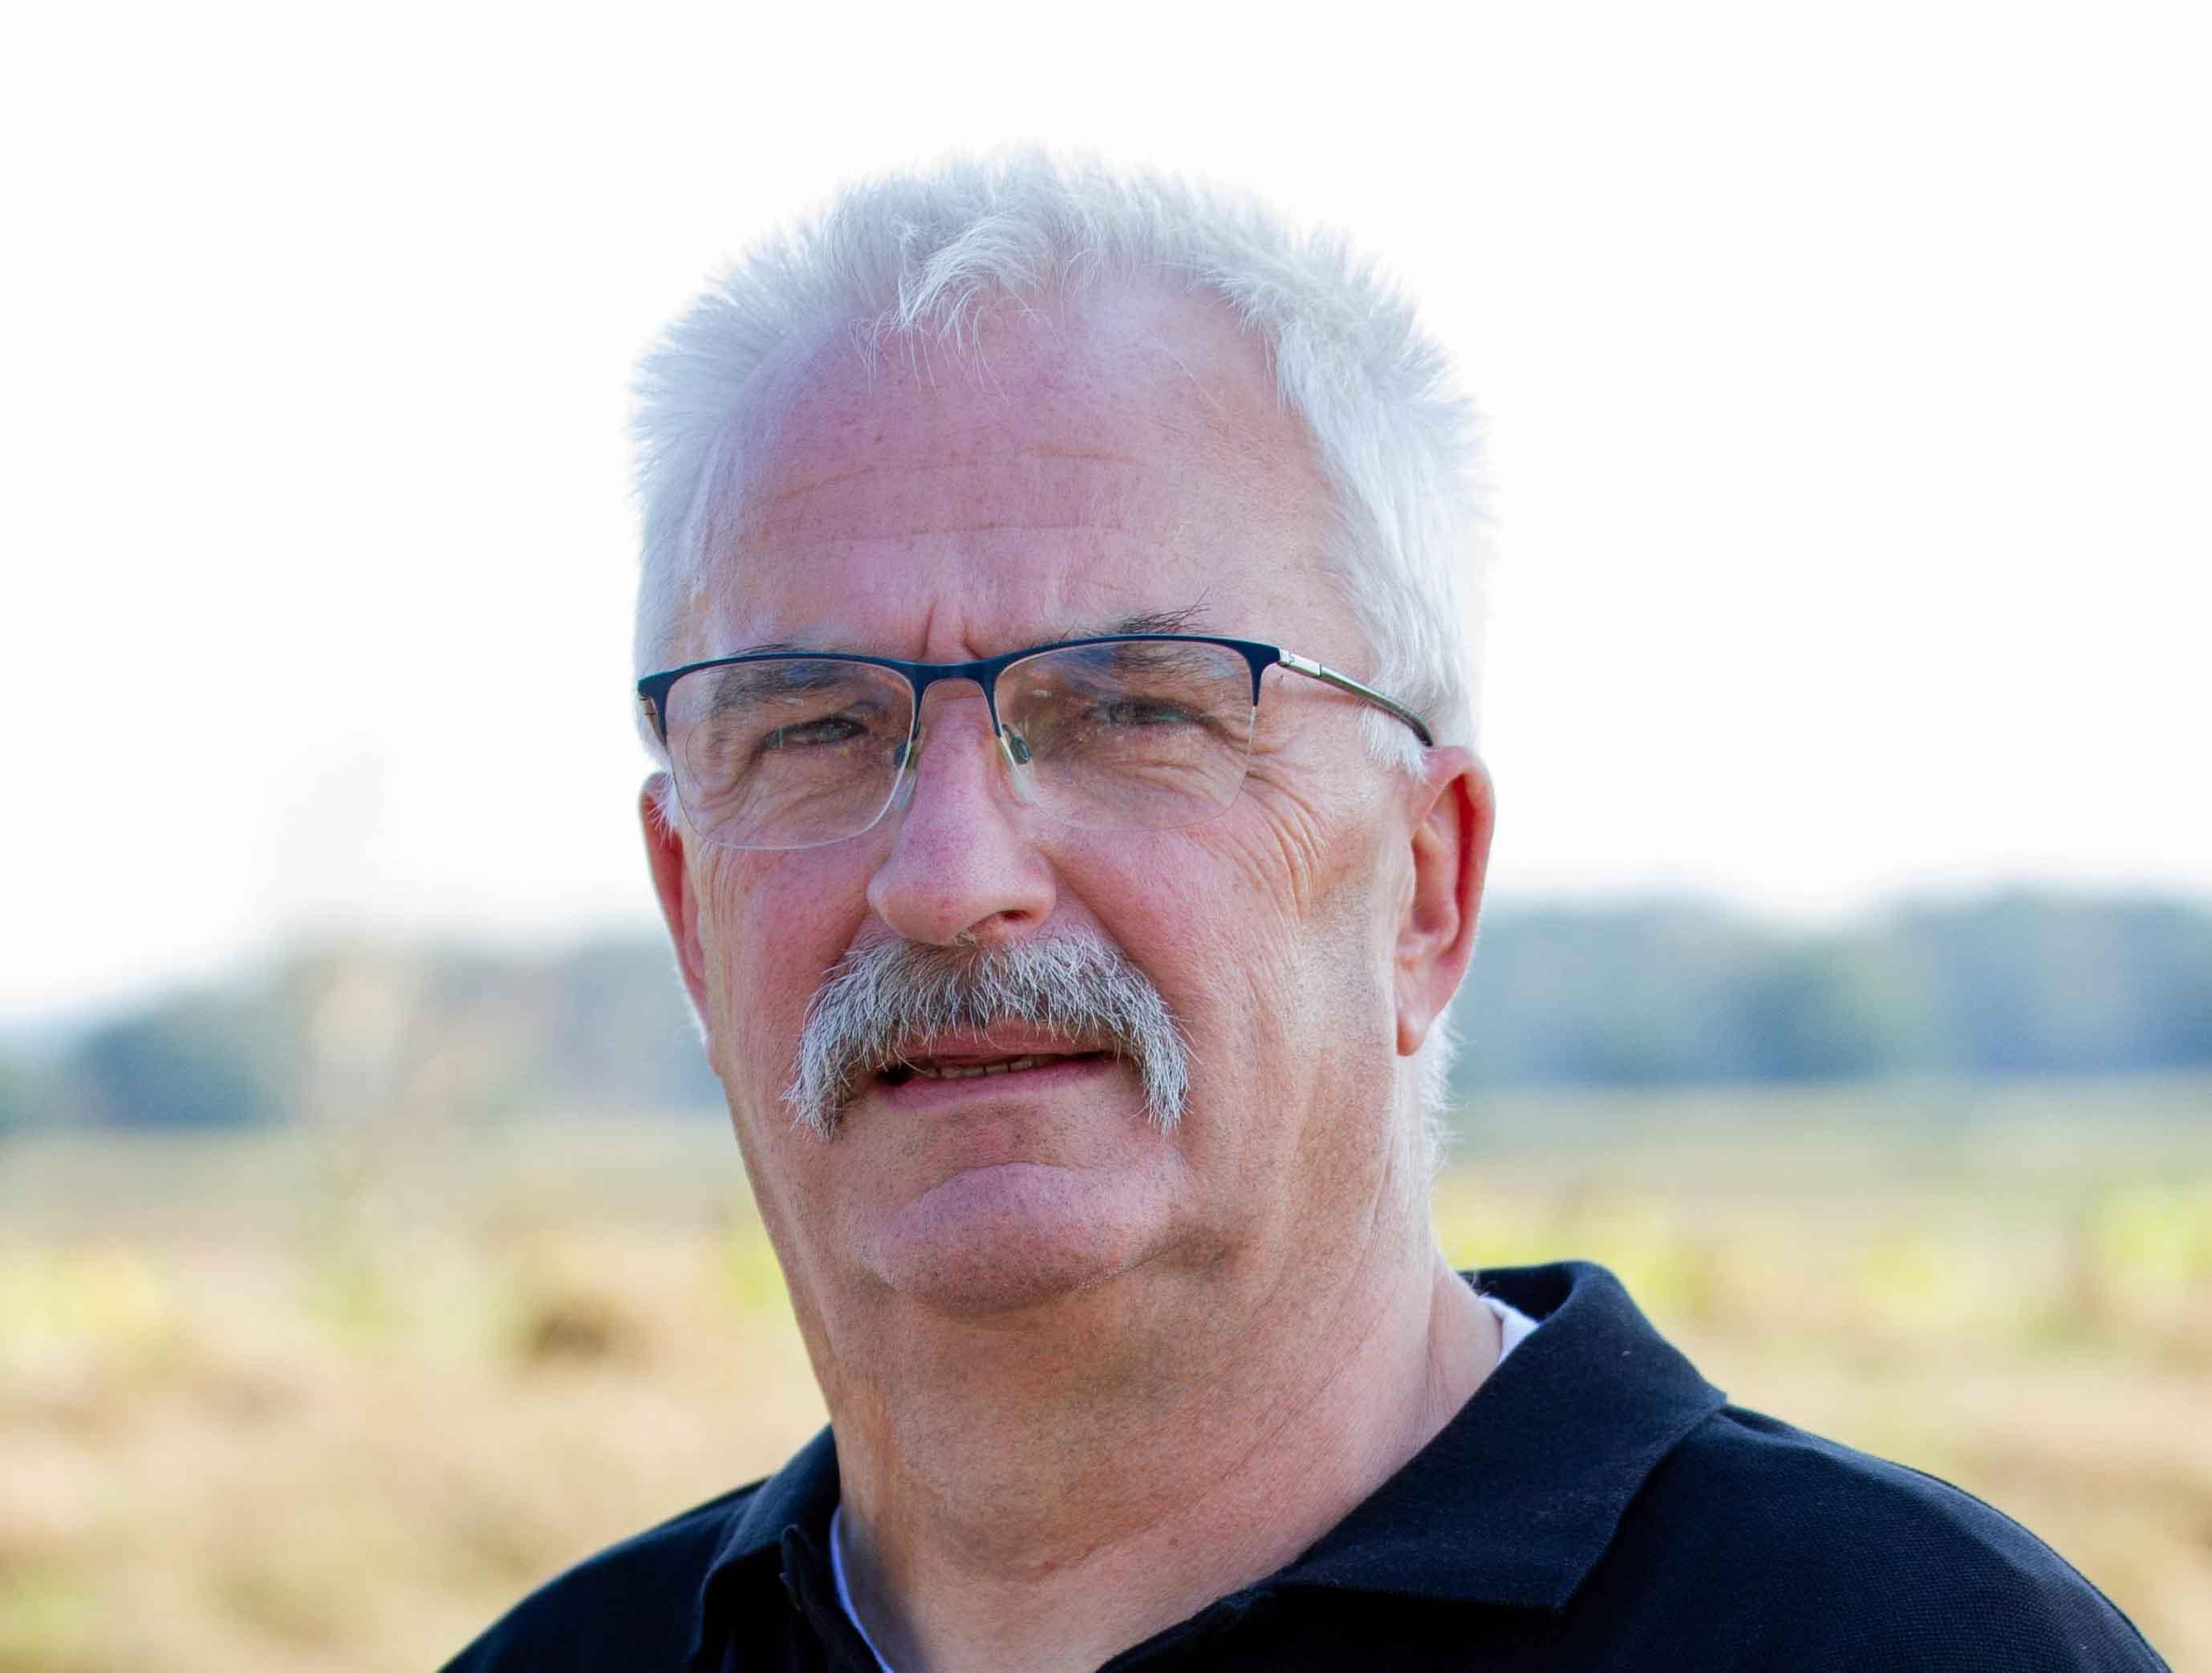 Peter Jokic